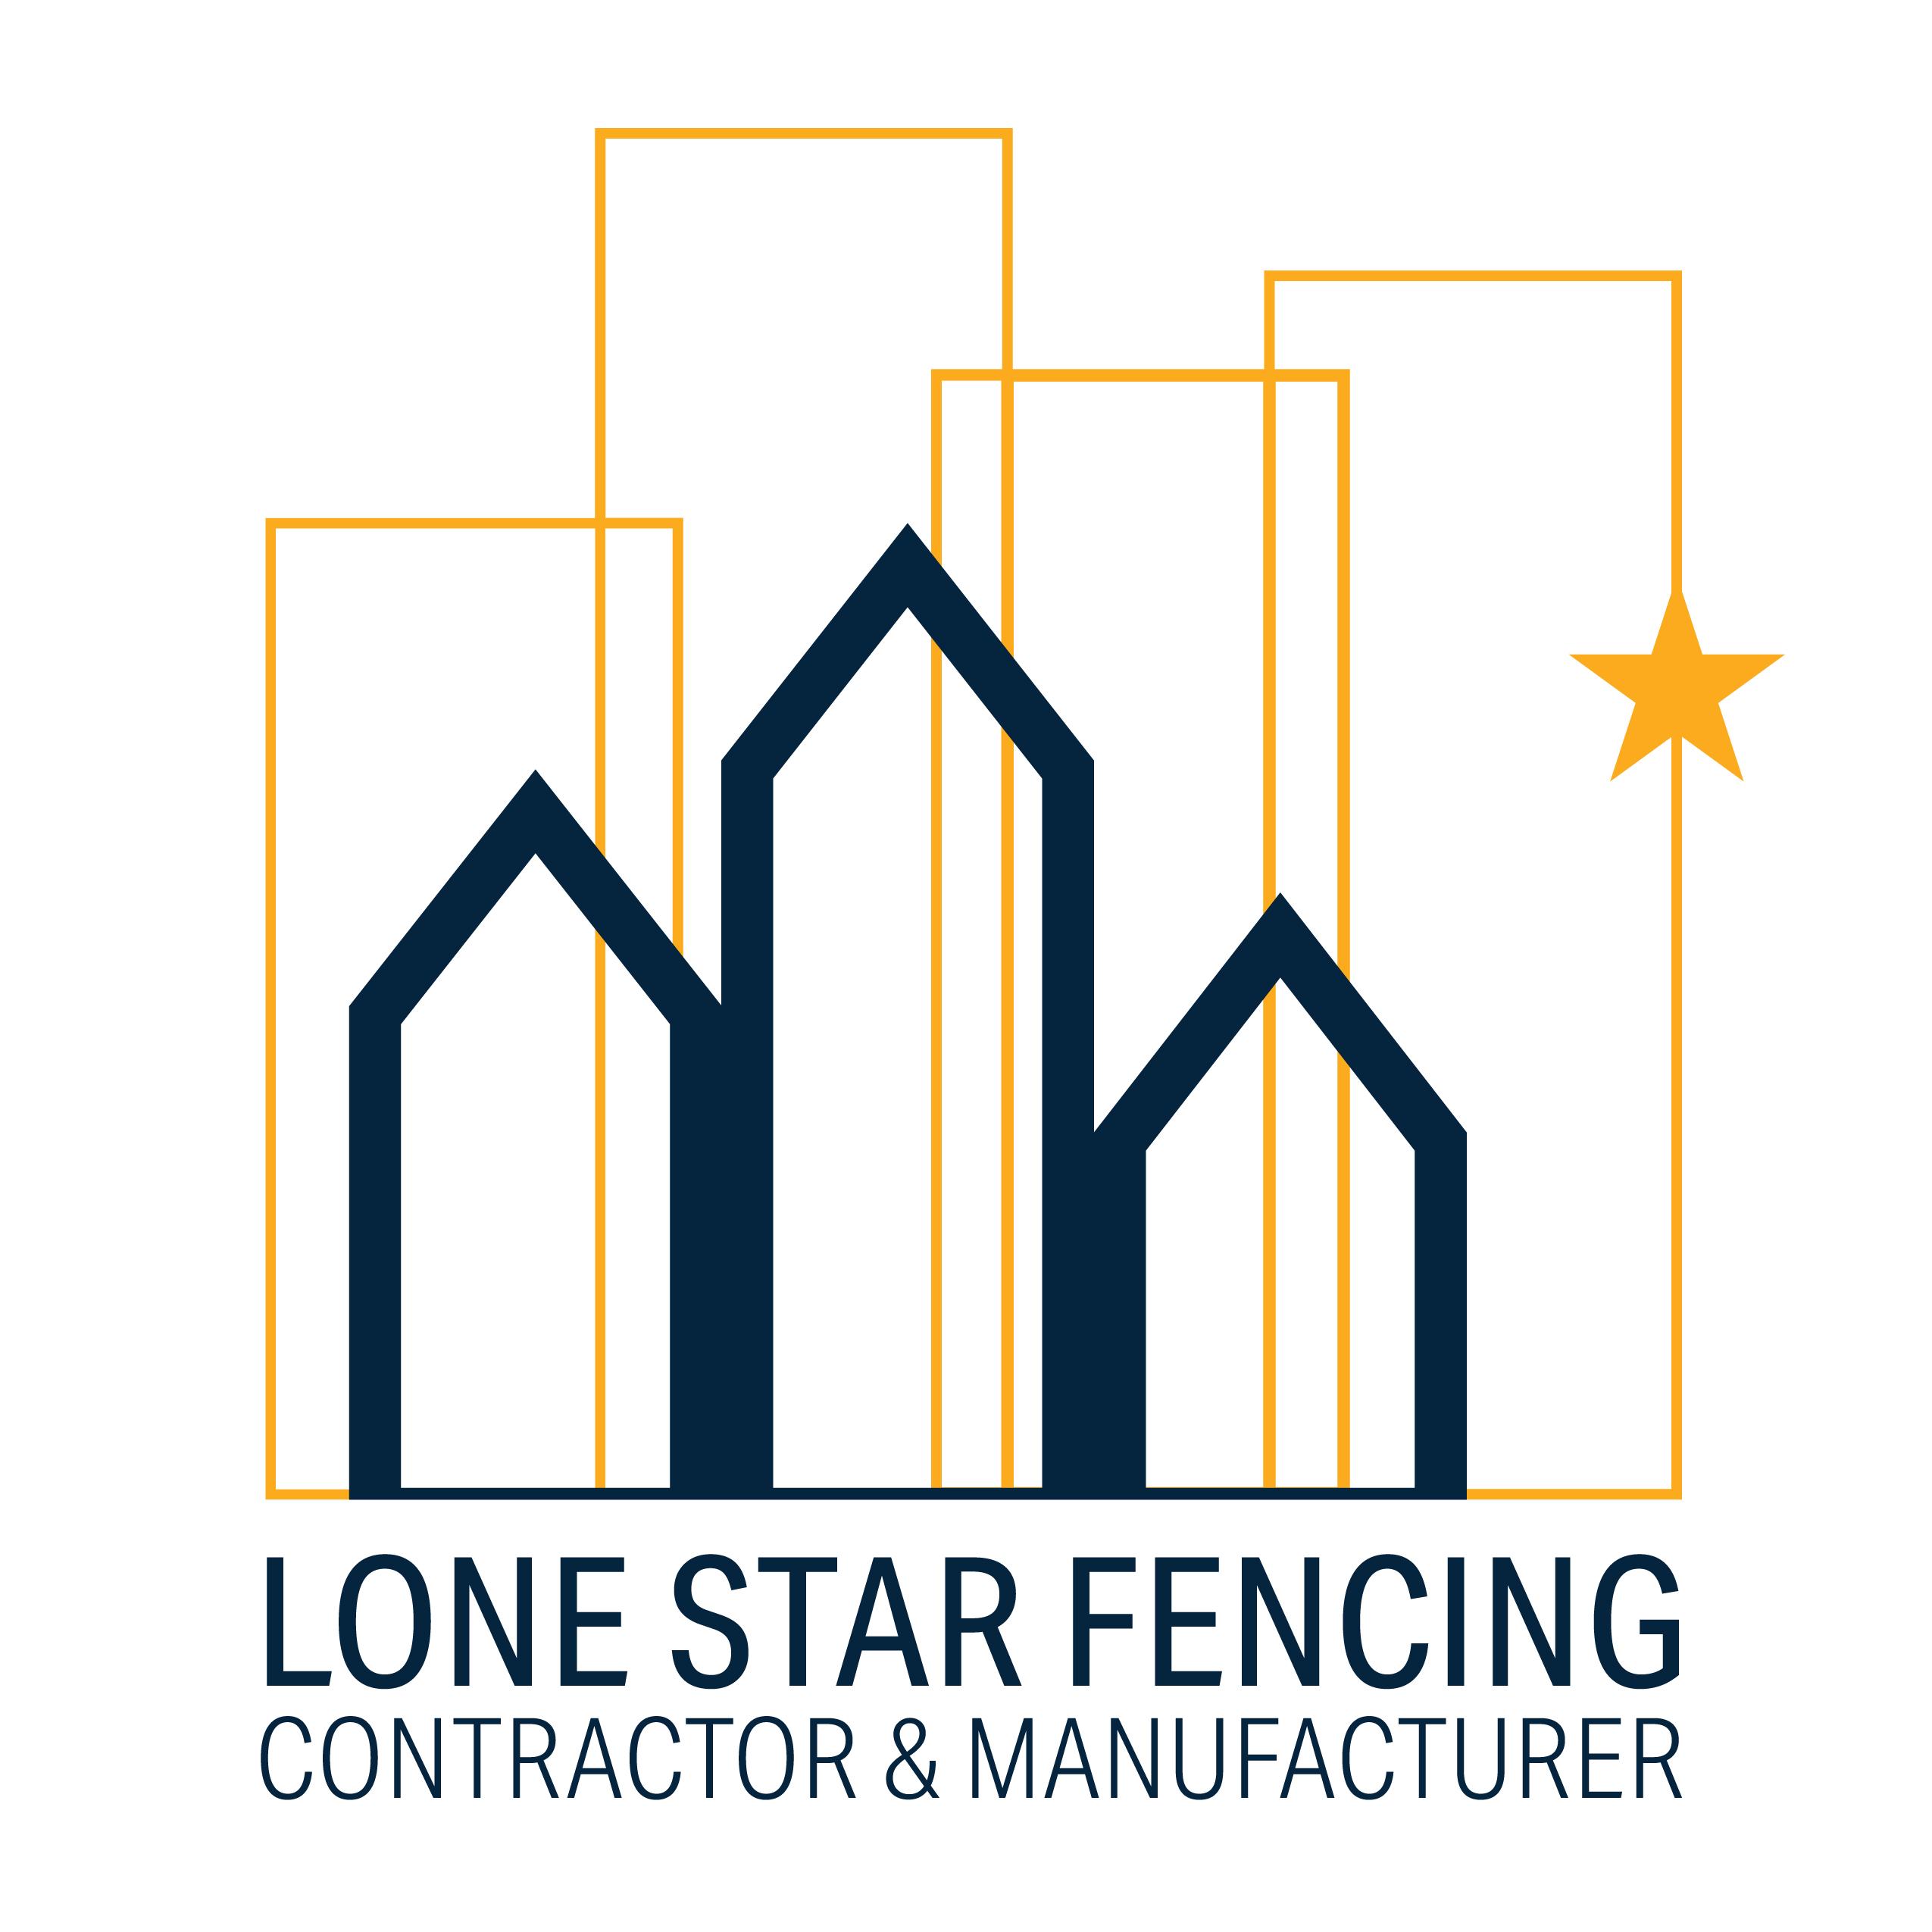 The Lone Star Fencing LLC